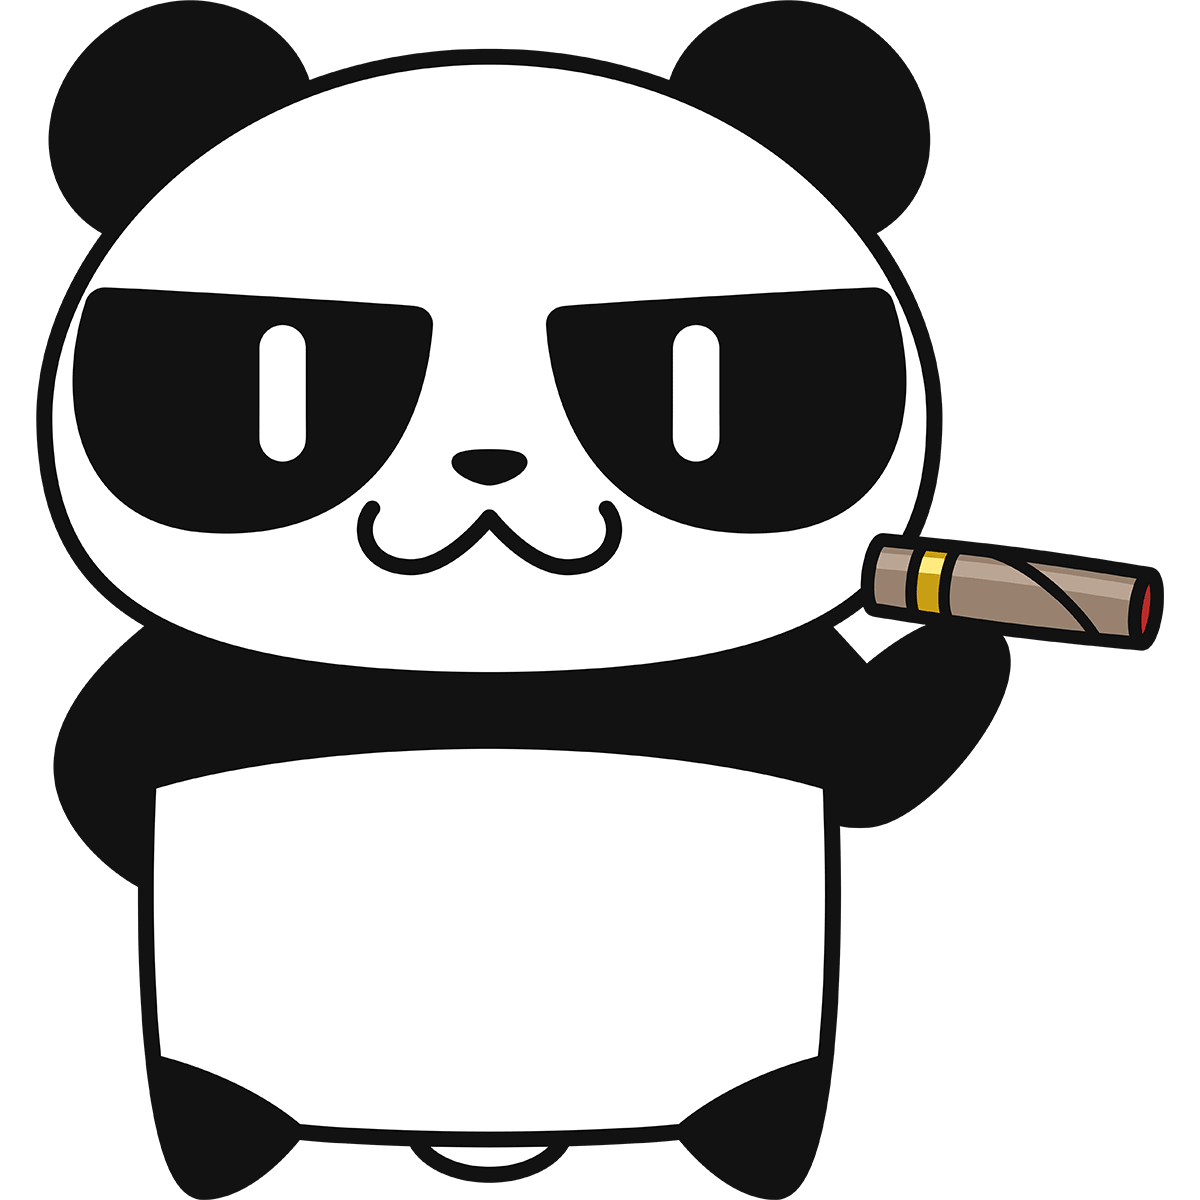 パンダ(ボス)の無料イラスト